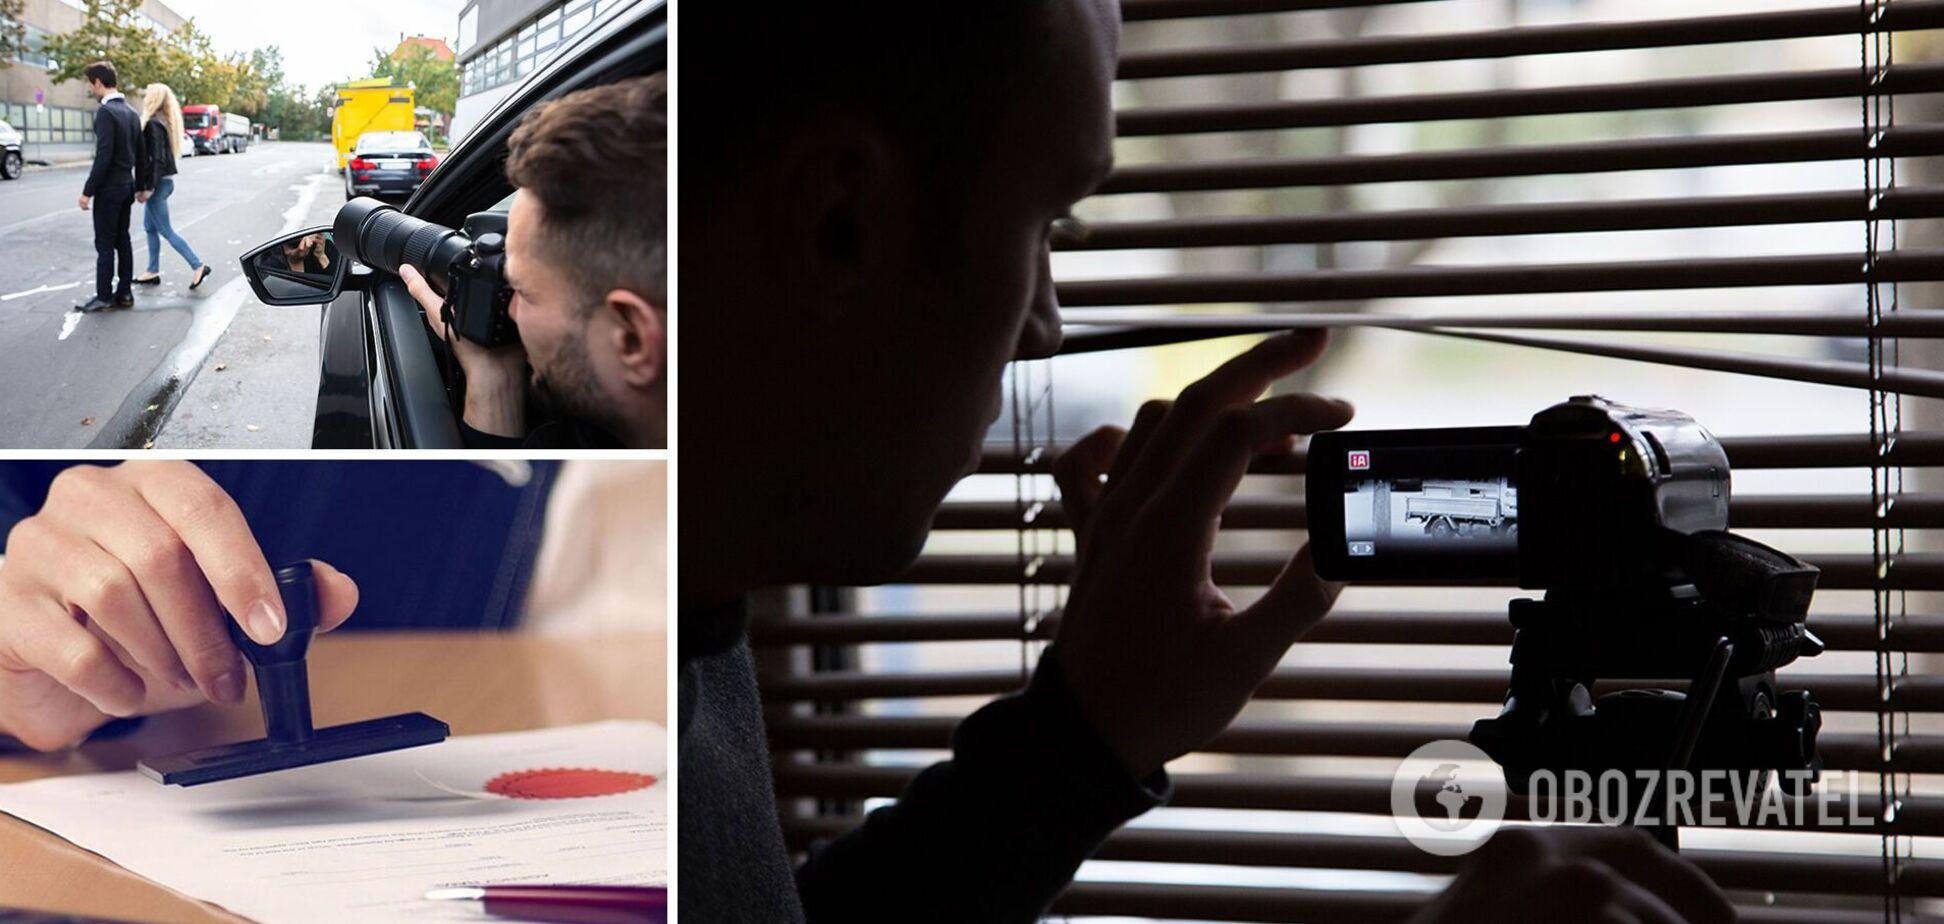 Рада разрешит 'шпионить' за украинцами: как изменят работу частных детективов и кто под прицелом